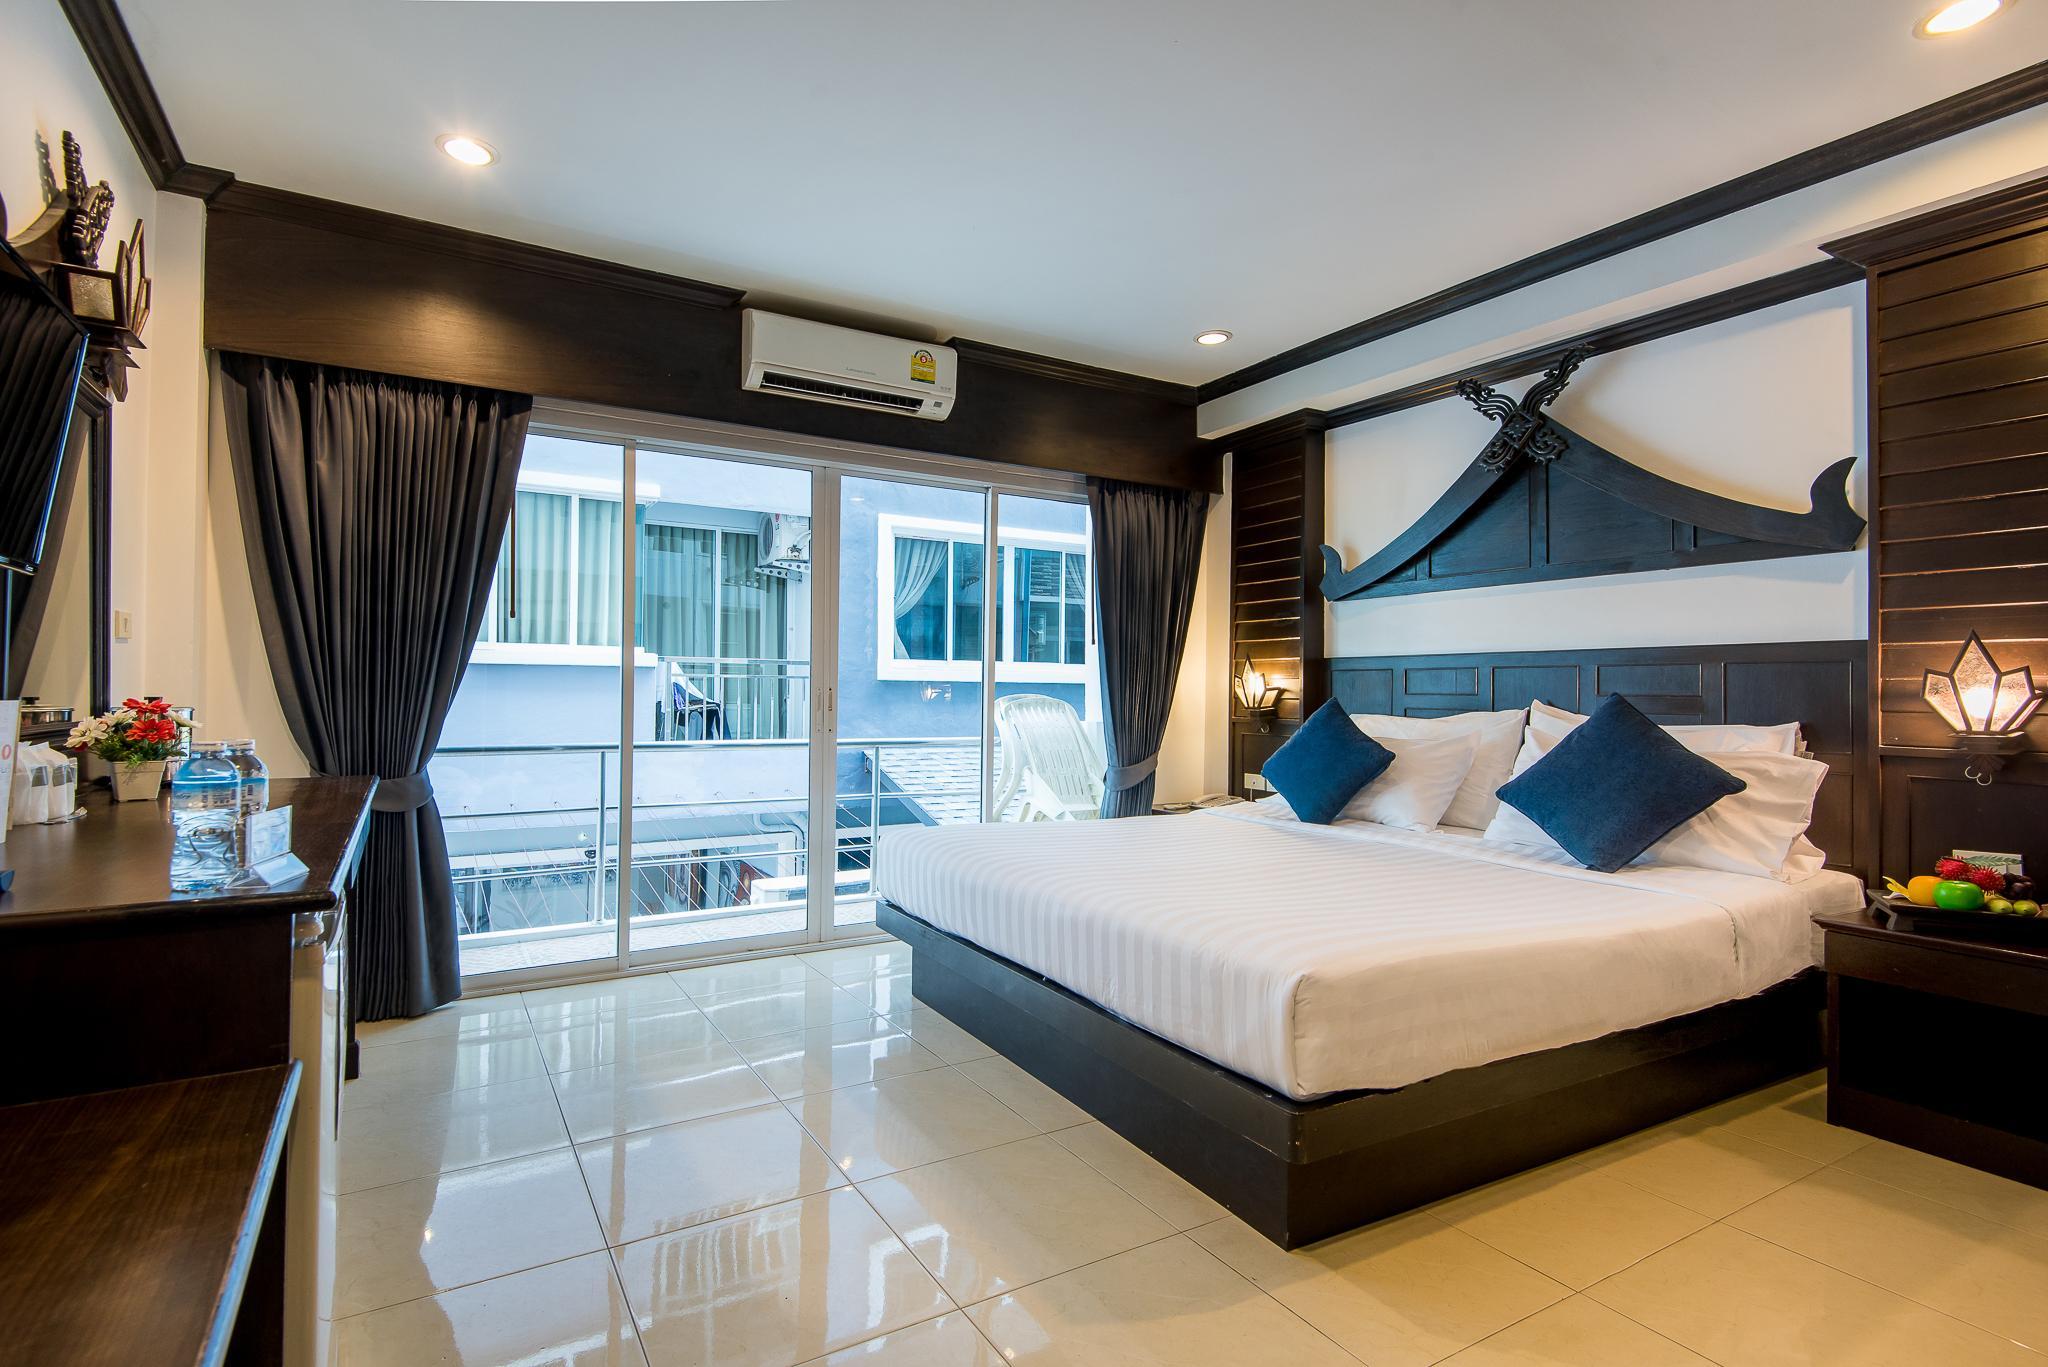 โรงแรมฮัลโล ป่าตอง